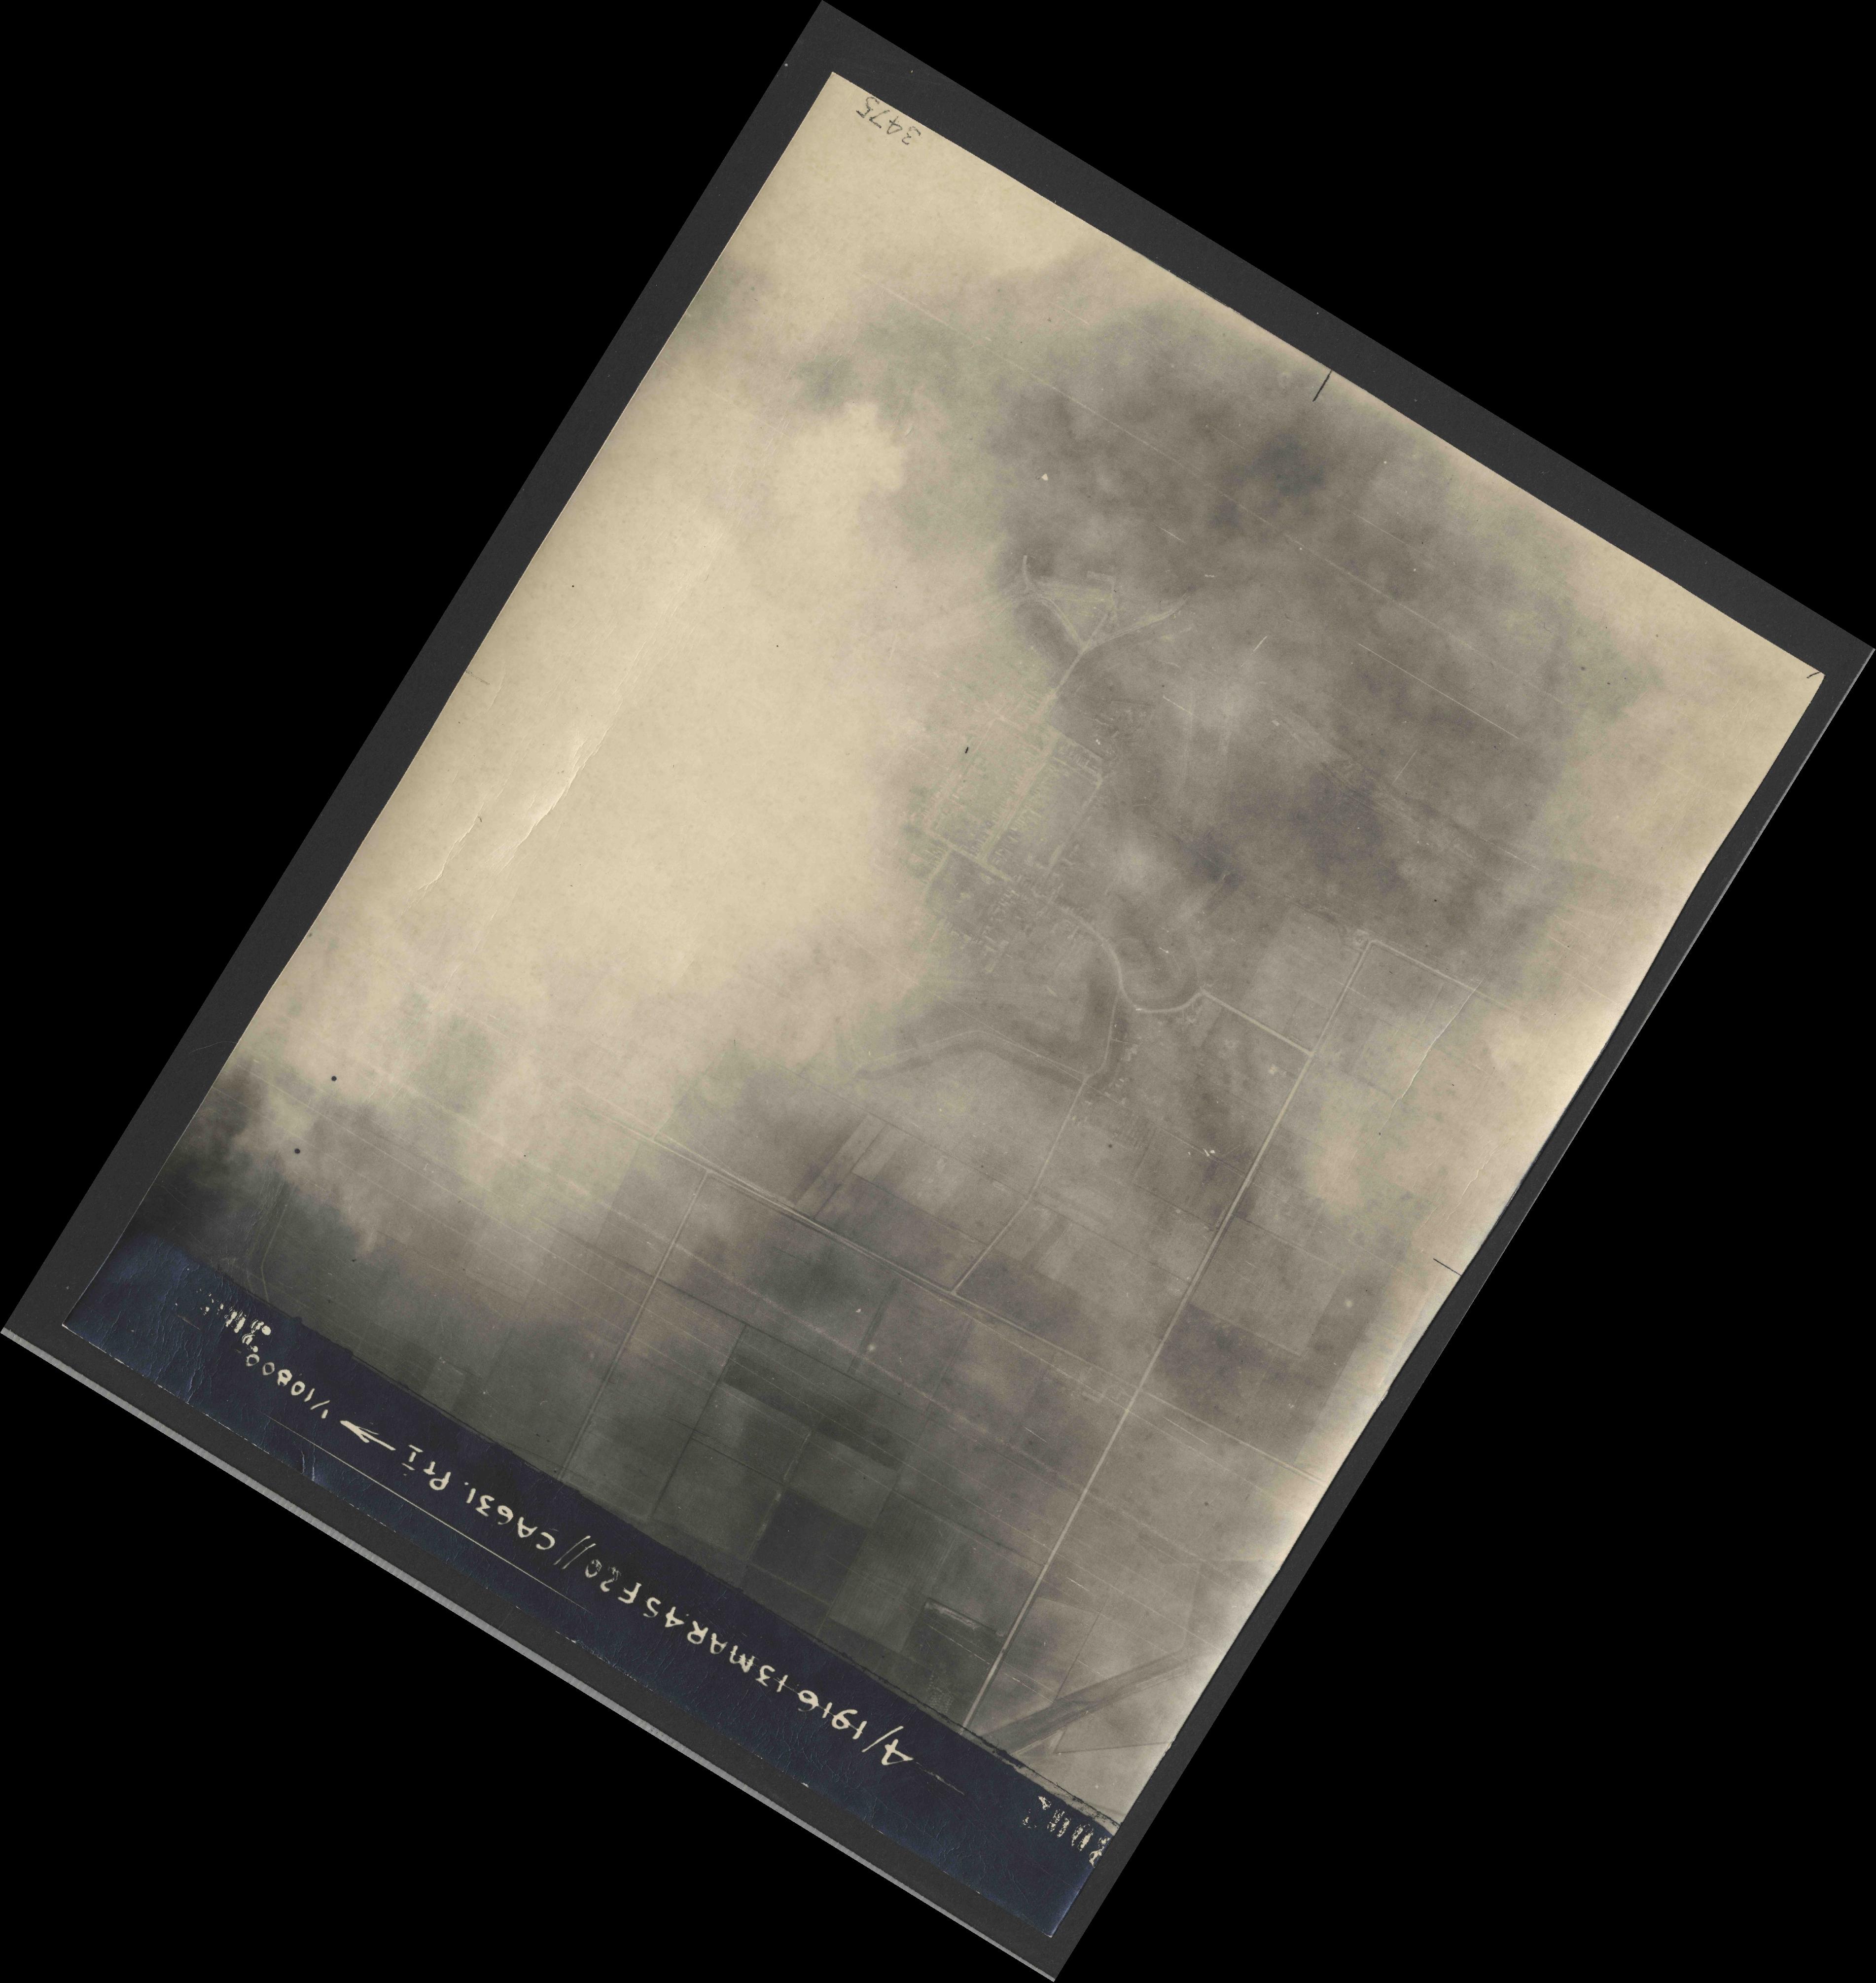 Collection RAF aerial photos 1940-1945 - flight 085, run 07, photo 3002